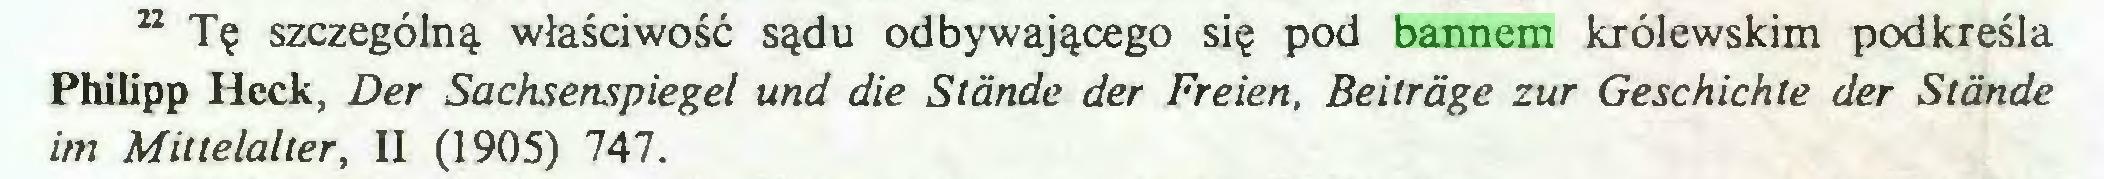 (...) 22 Tę szczególną właściwość sądu odbywającego się pod bannem królewskim podkreśla Philipp Heck, Der Sachsenspiegel und die Stände der Freien, Beiträge zur Geschichte der Stände im Mittelalter, II (1905) 747...